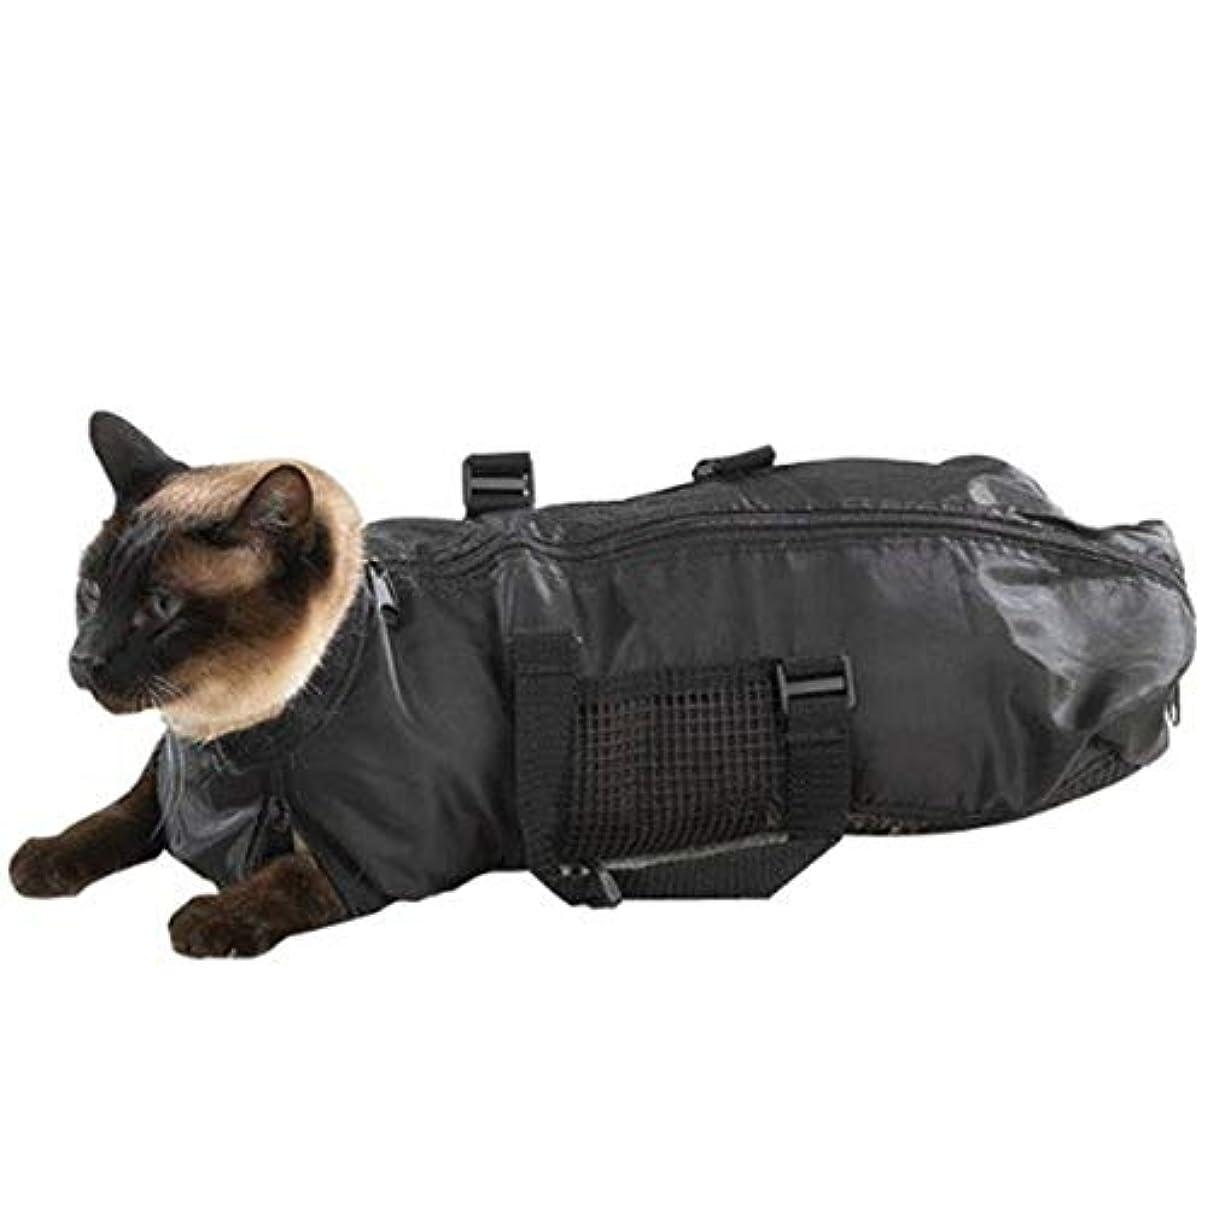 目立つ本能エイリアスSaikogoods ネイルクリッピングお風呂のための猫グルーミングバッグ 耐久性に優れ ノースクラッチ 噛み拘束 多彩なバッグ ペットサプライ 黒